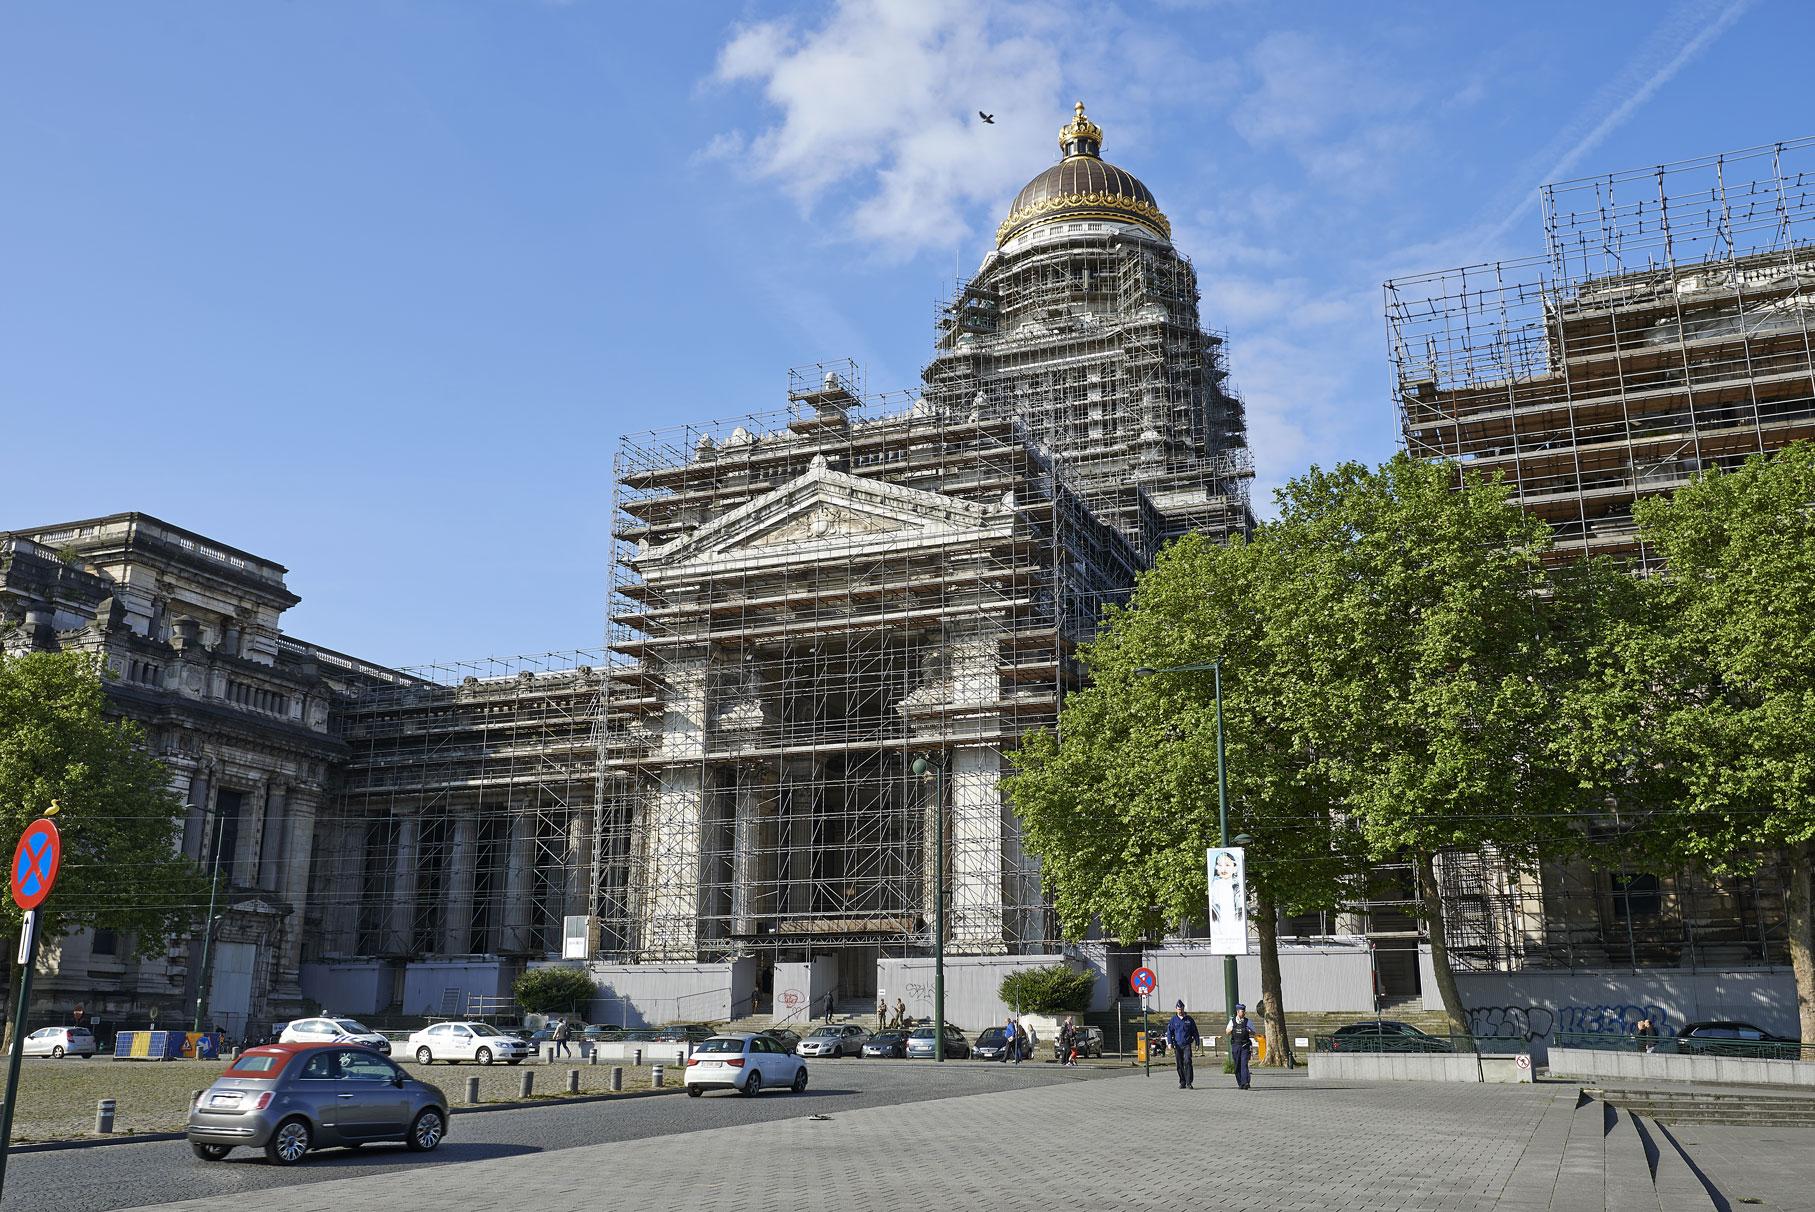 Restauration du Palais de Justice de Bruxelles : installation du chantier